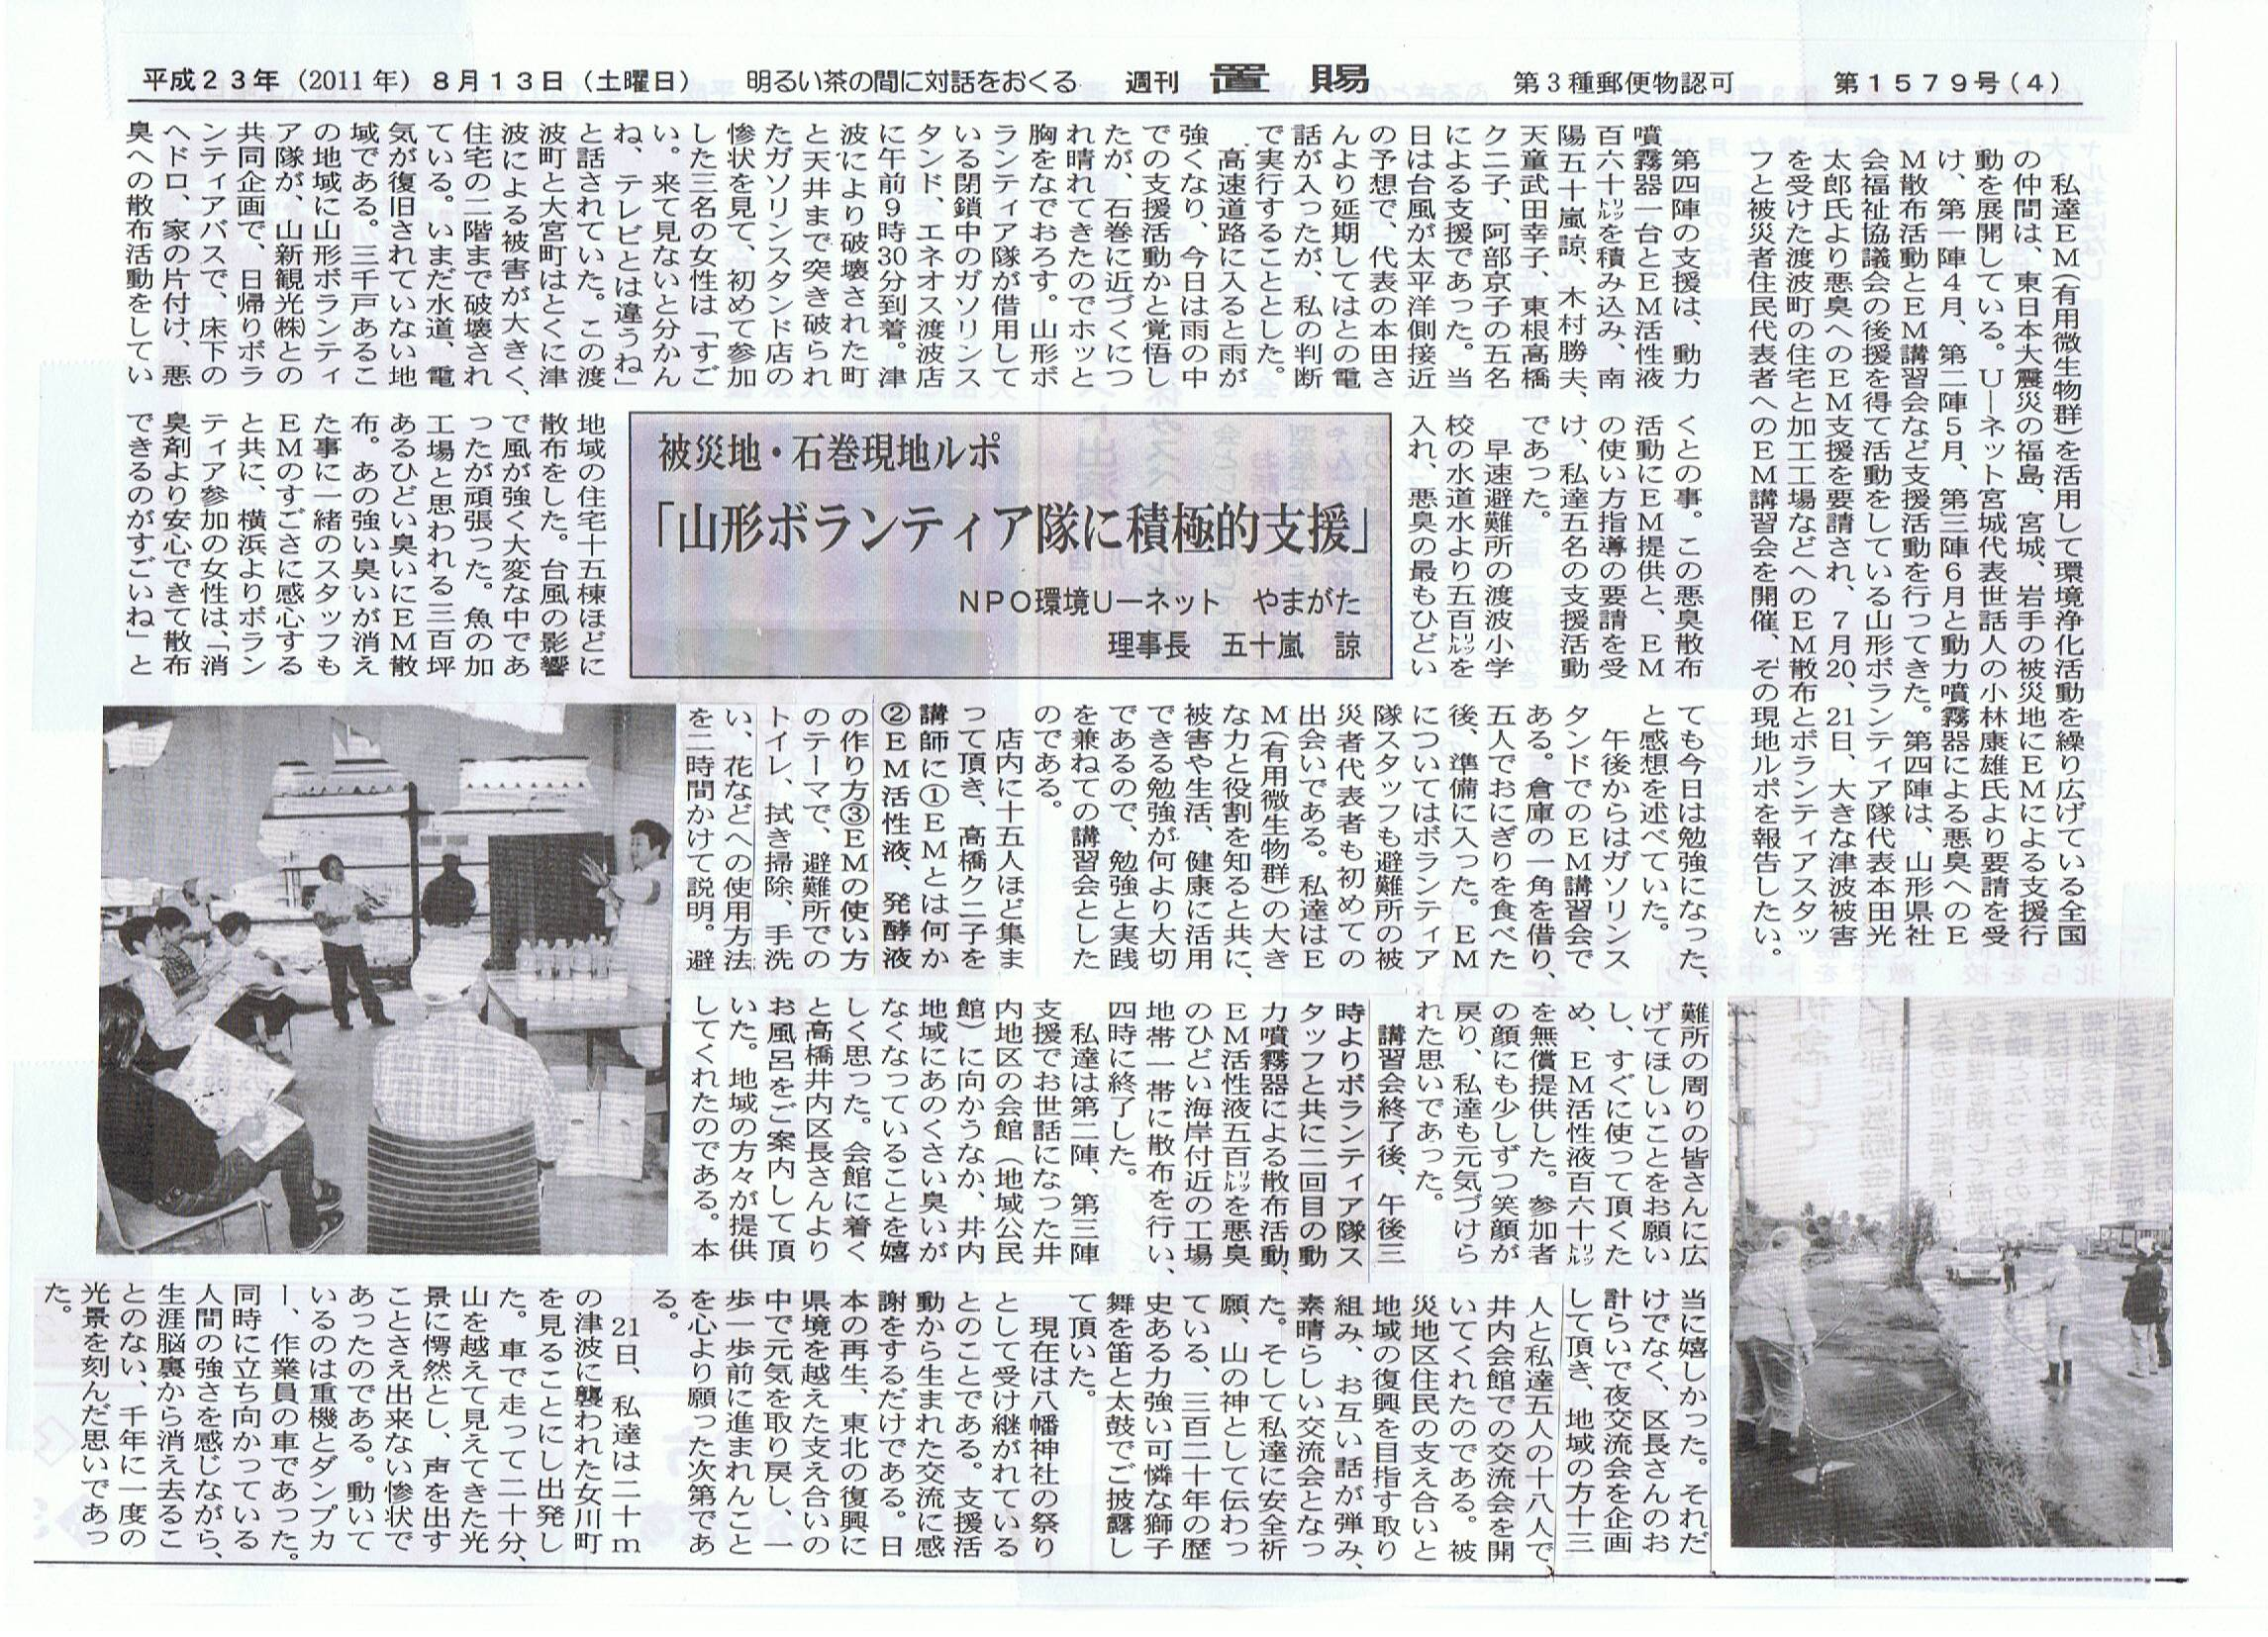 【記事】 EM石巻支援現地ルポ報告書